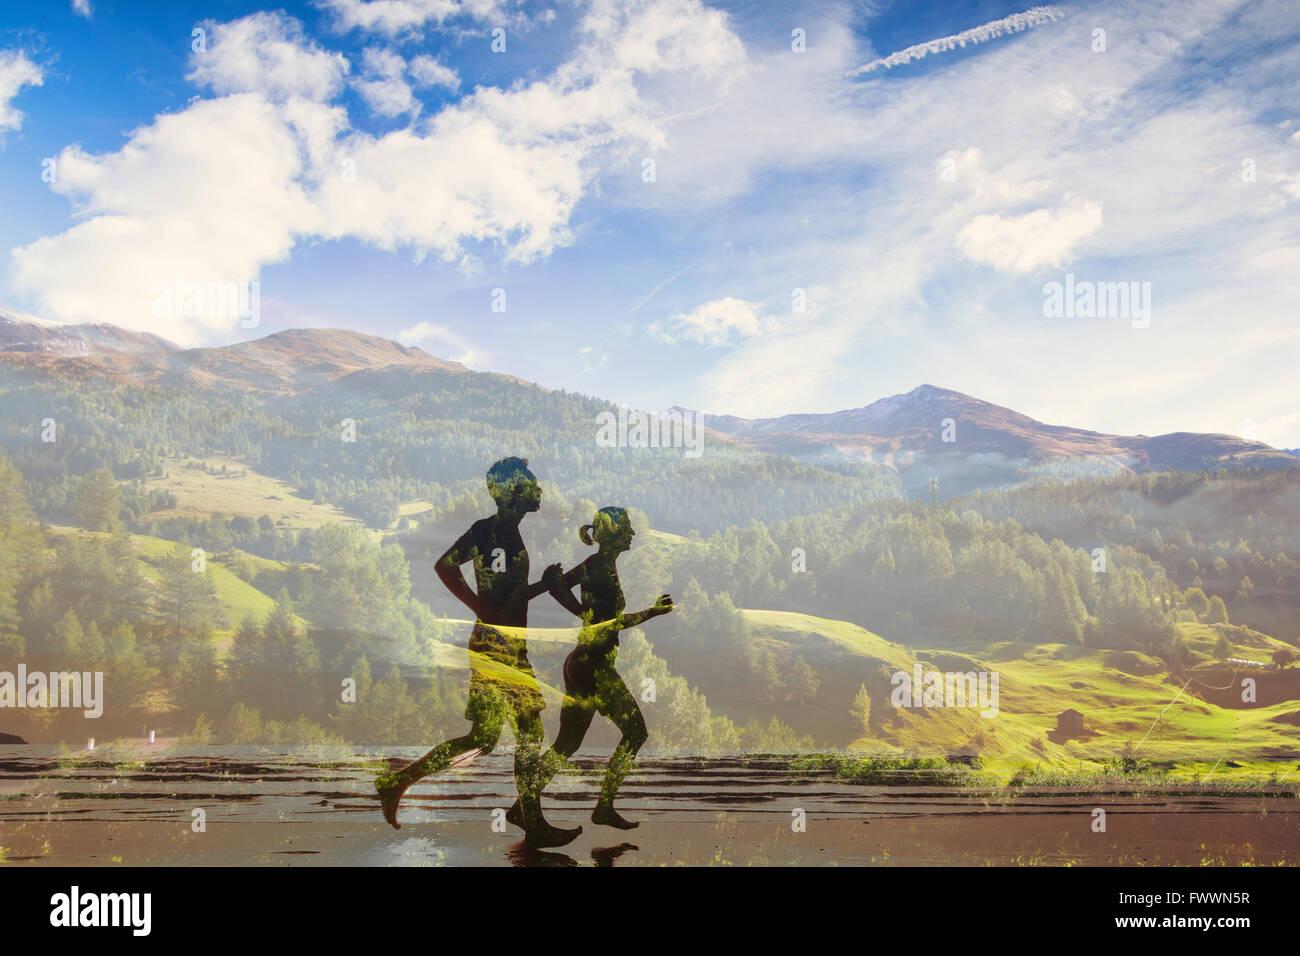 Doppia esposizione di due guide di scorrimento, eco trail in natura, sport race competition, triathlon o maratona Immagini Stock